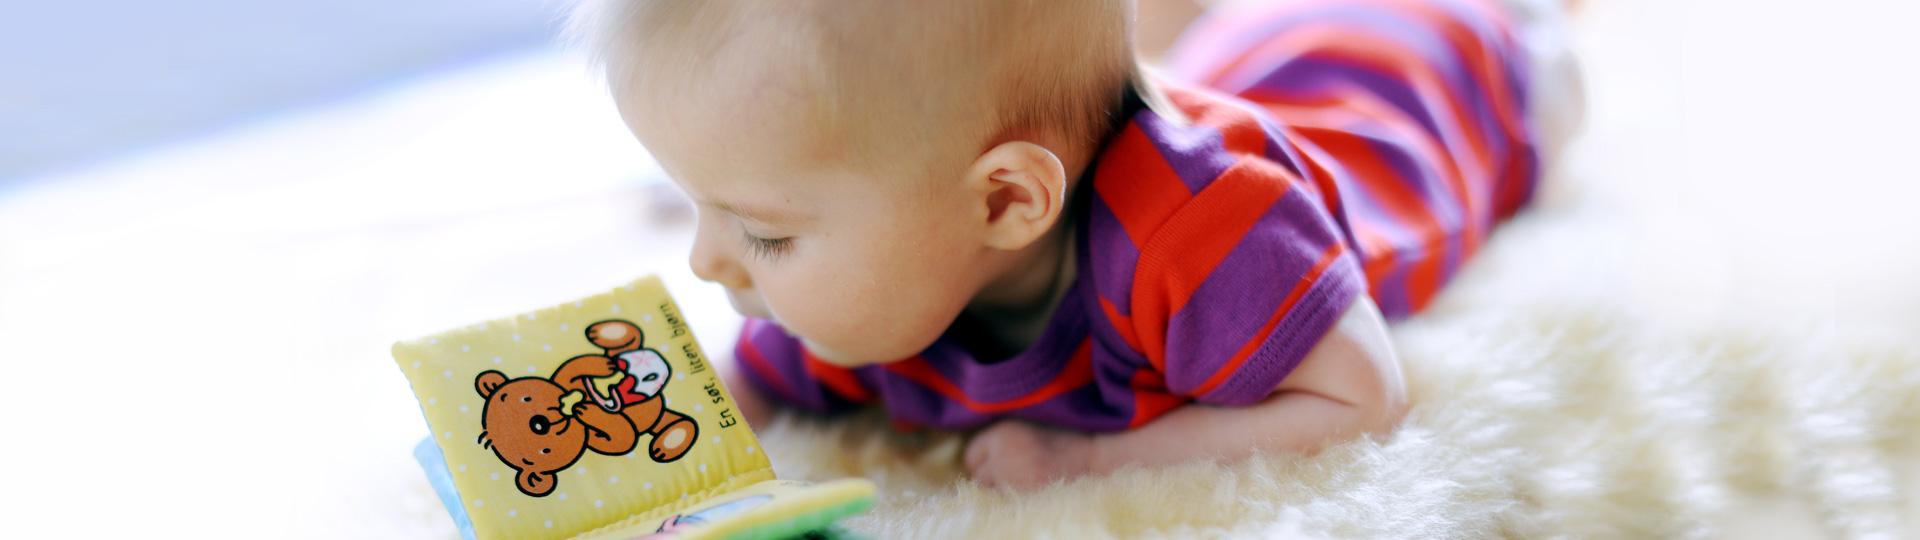 Hur läser man för barn som är 4 månader